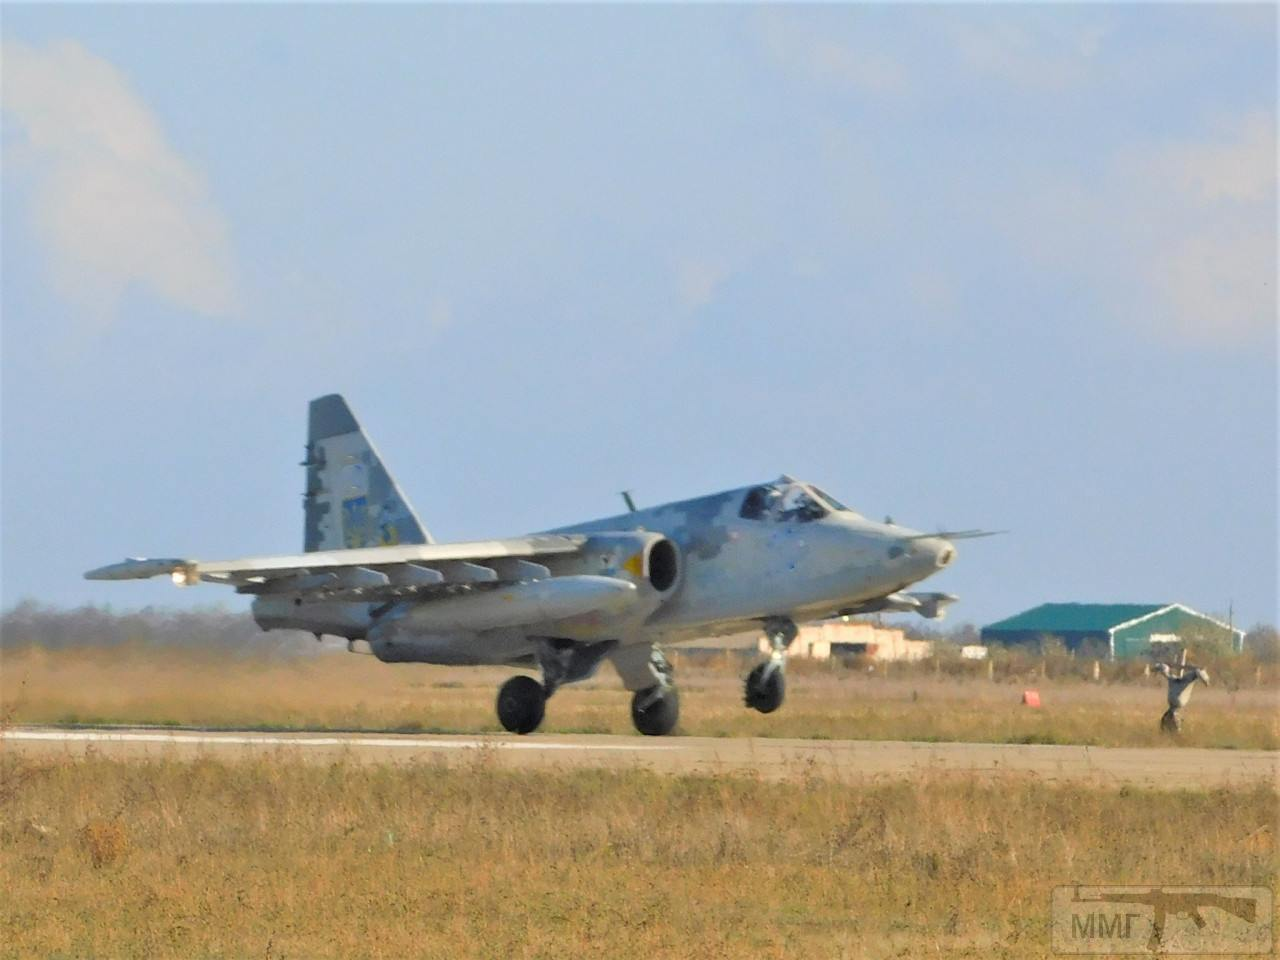 79962 - Воздушные Силы Вооруженных Сил Украины